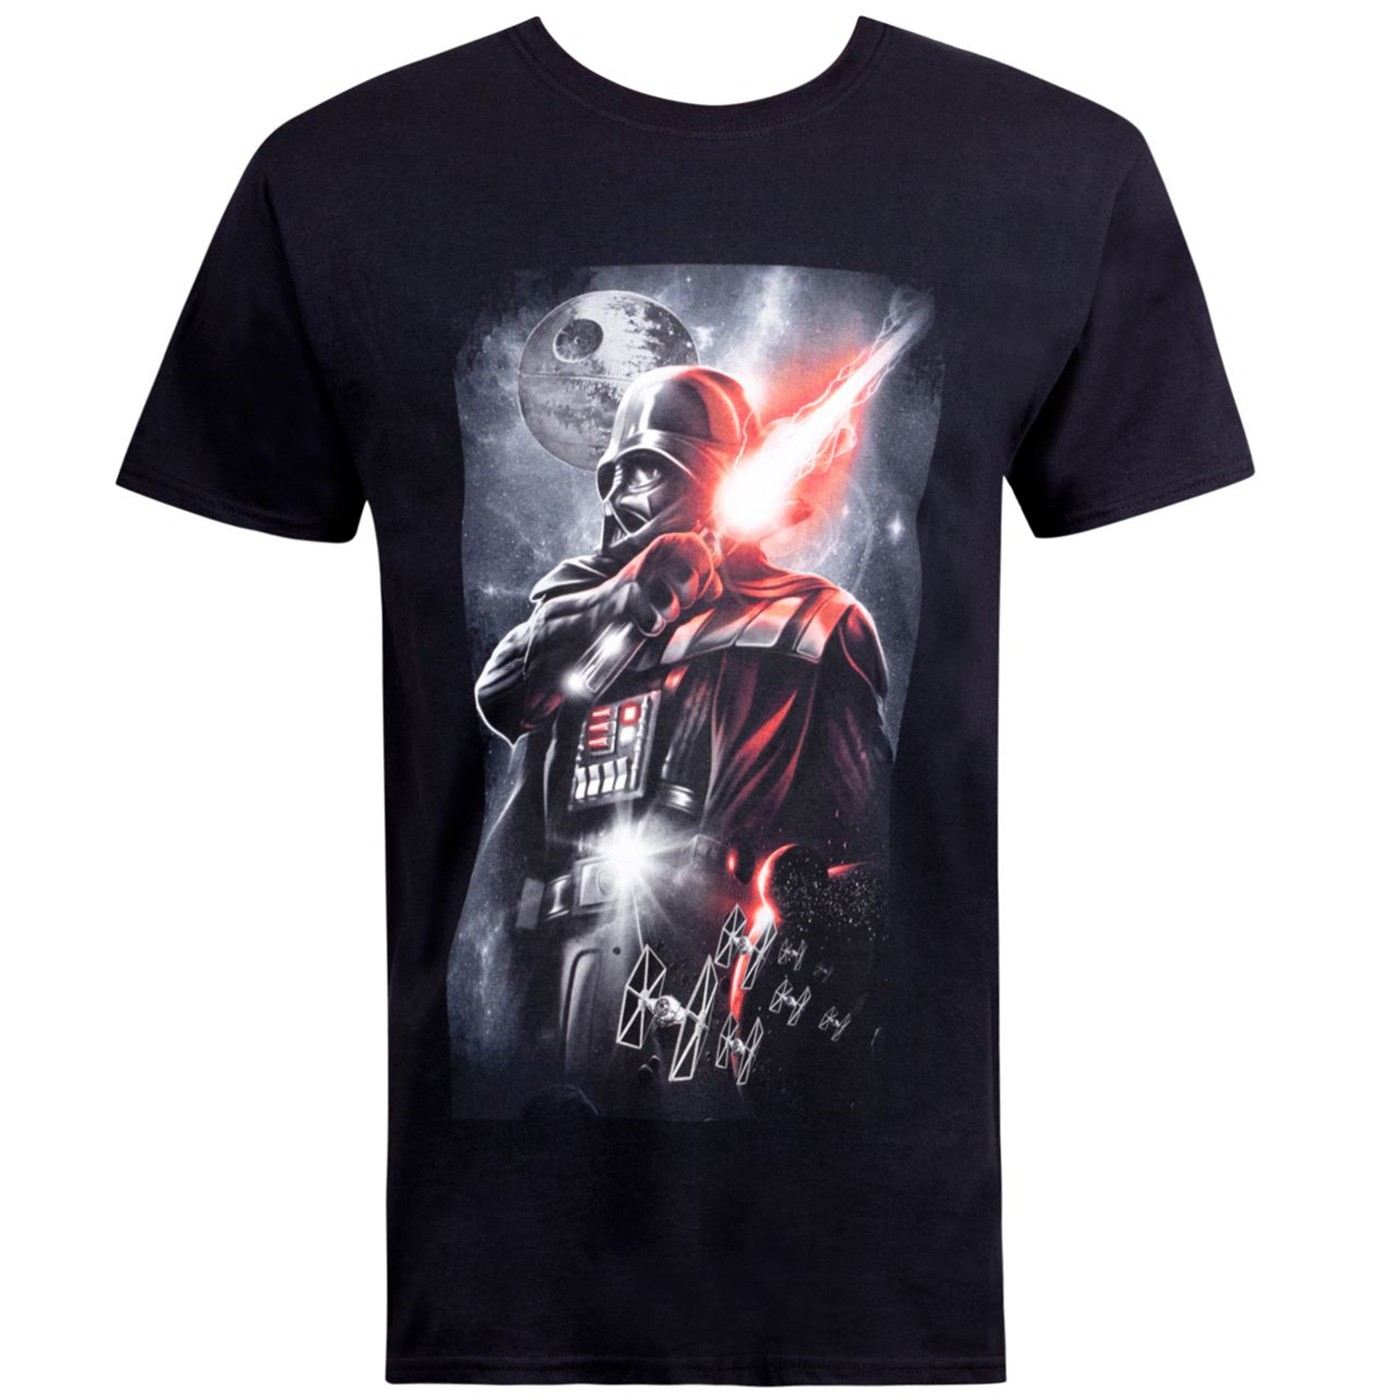 Star Wars Epic Darth Vader Black Men's T-Shirt